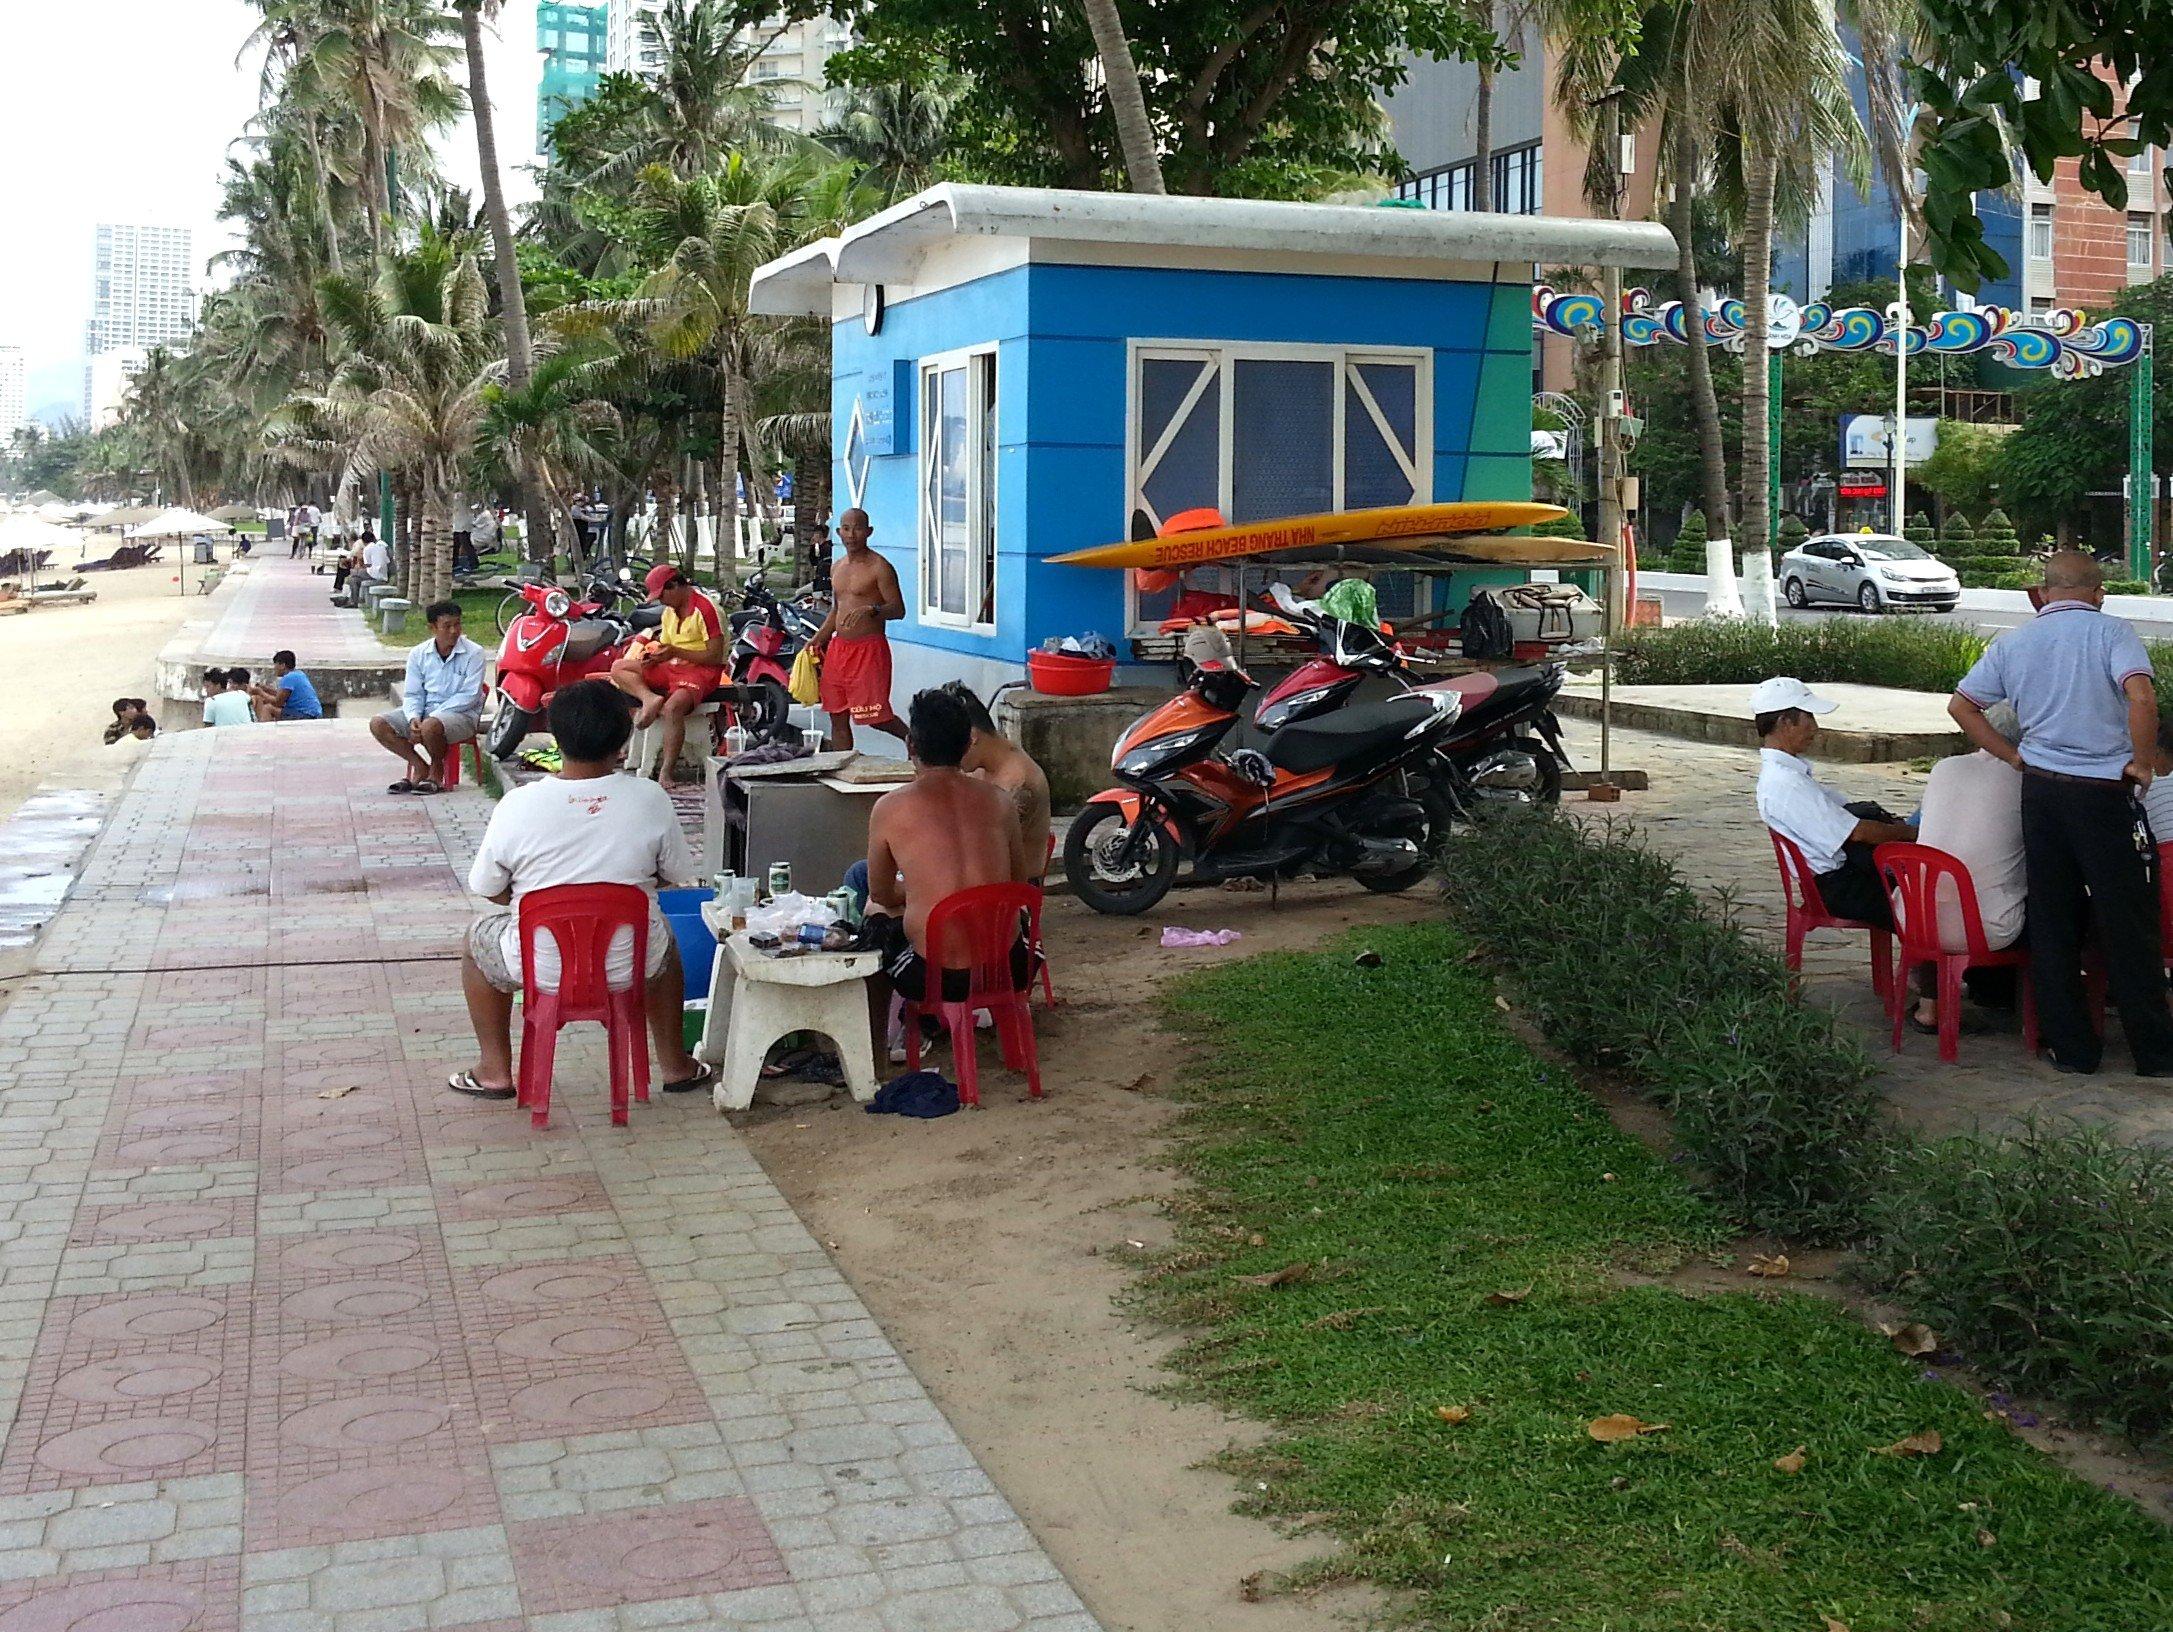 Life Guard station on Nha Trang Beach